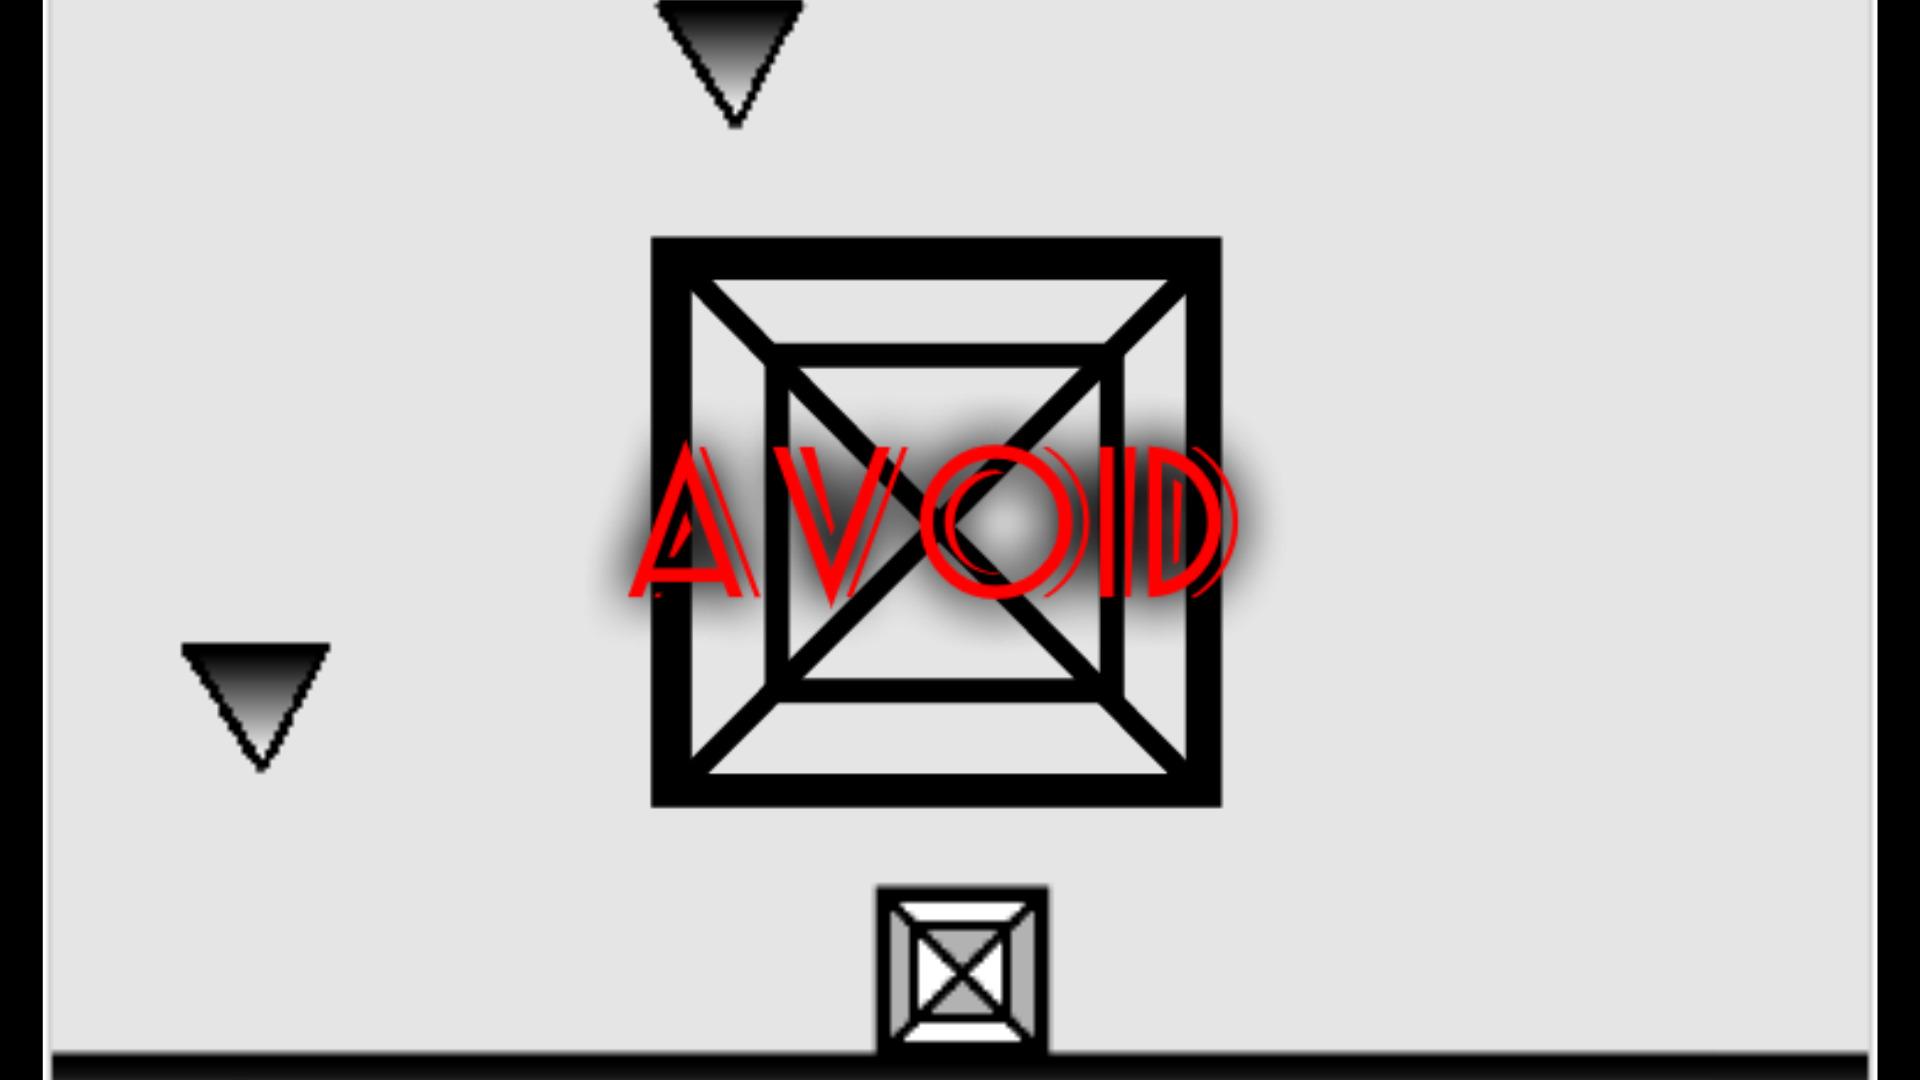 Avoid!